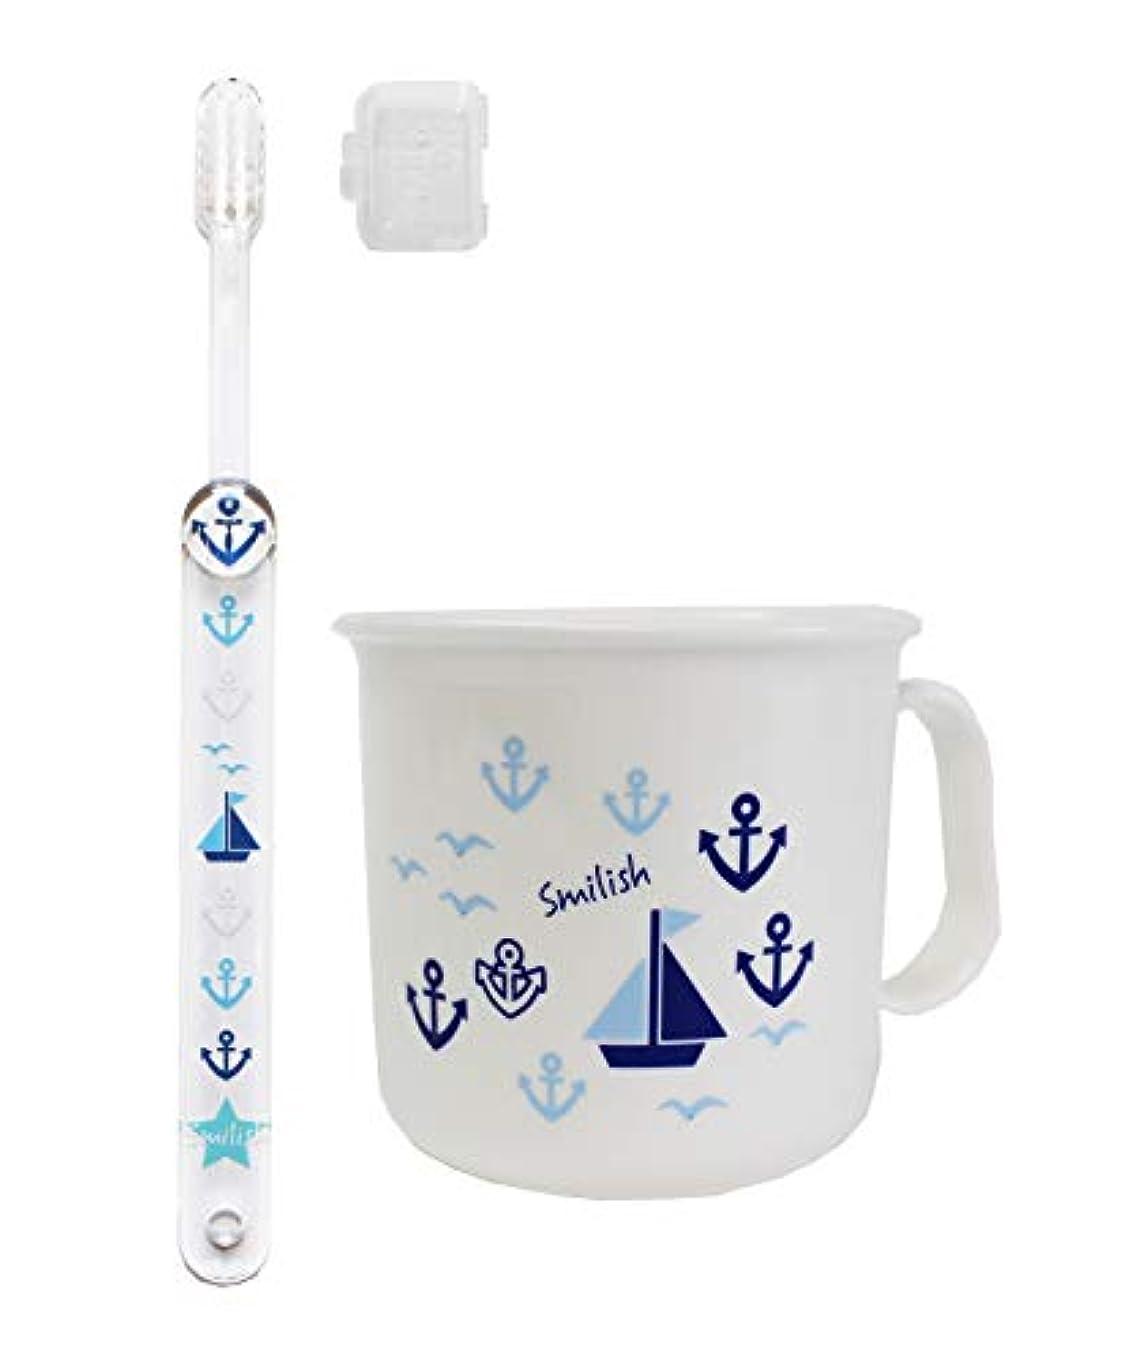 アブストラクト注文落ち着く子ども歯ブラシ(キャップ付き) 耐熱コップセット マリン